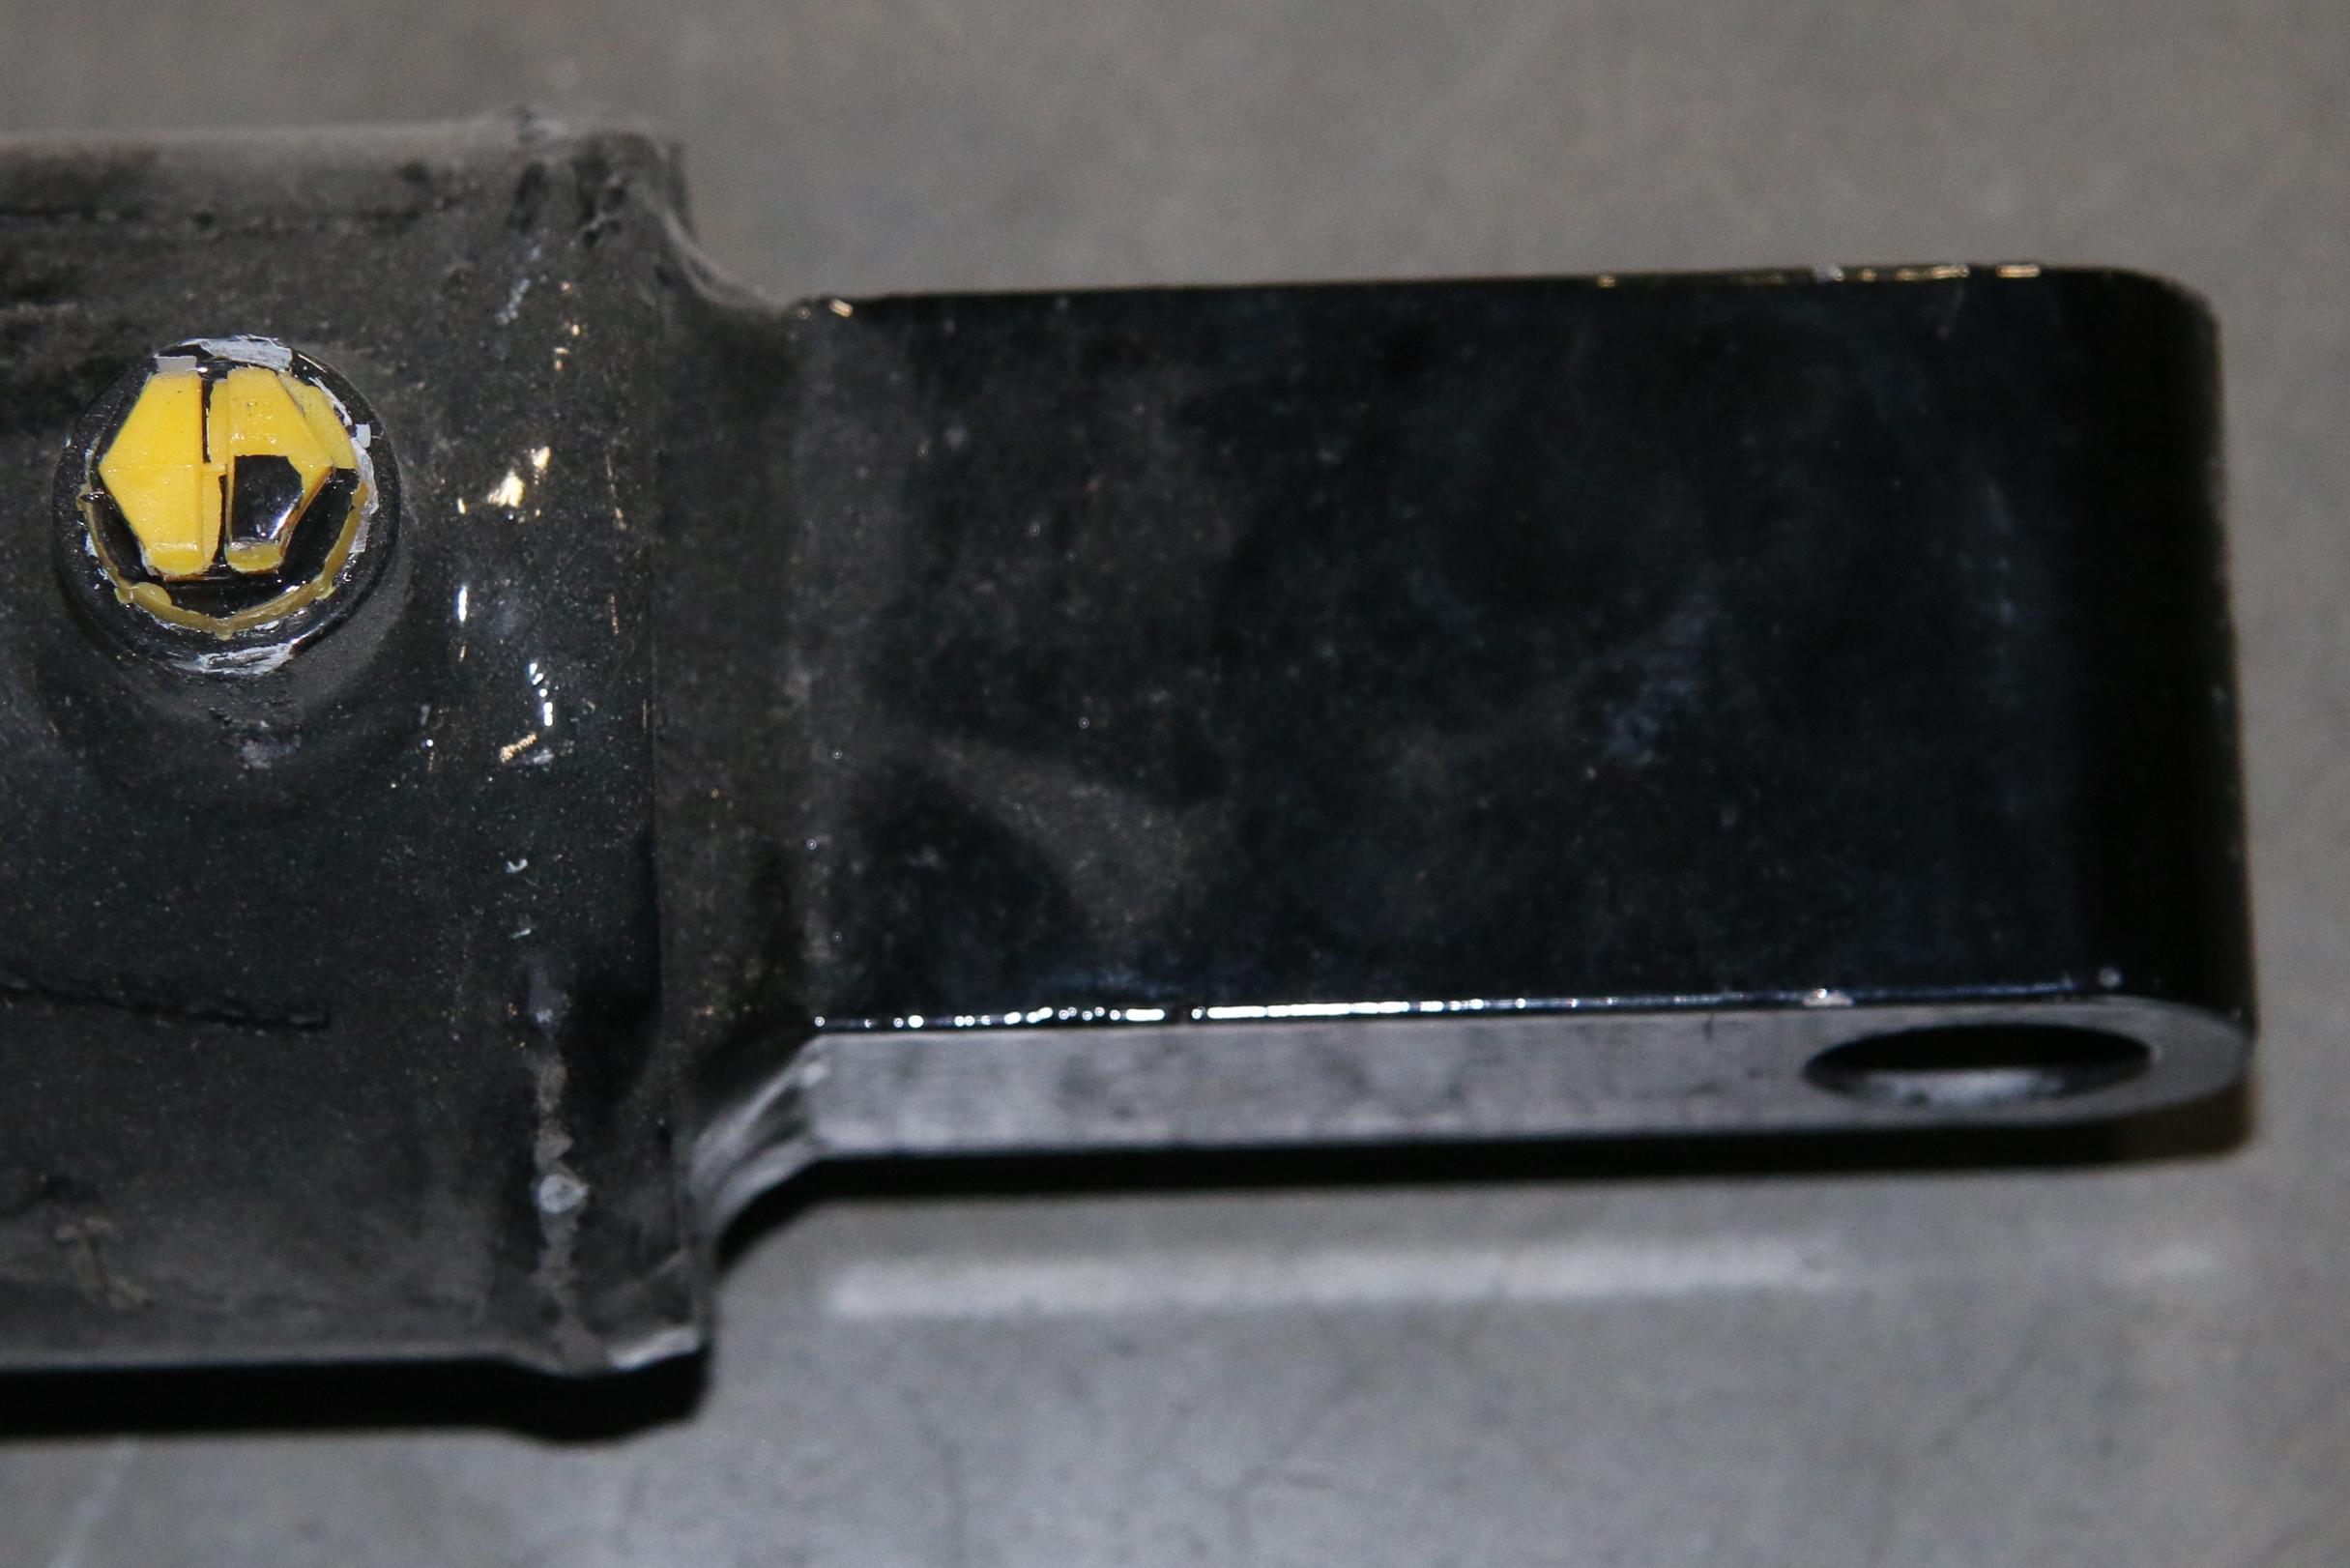 (1) Used Nilfisk Cylinder Hopper Lift Low Dump Part Number 8-17-05033